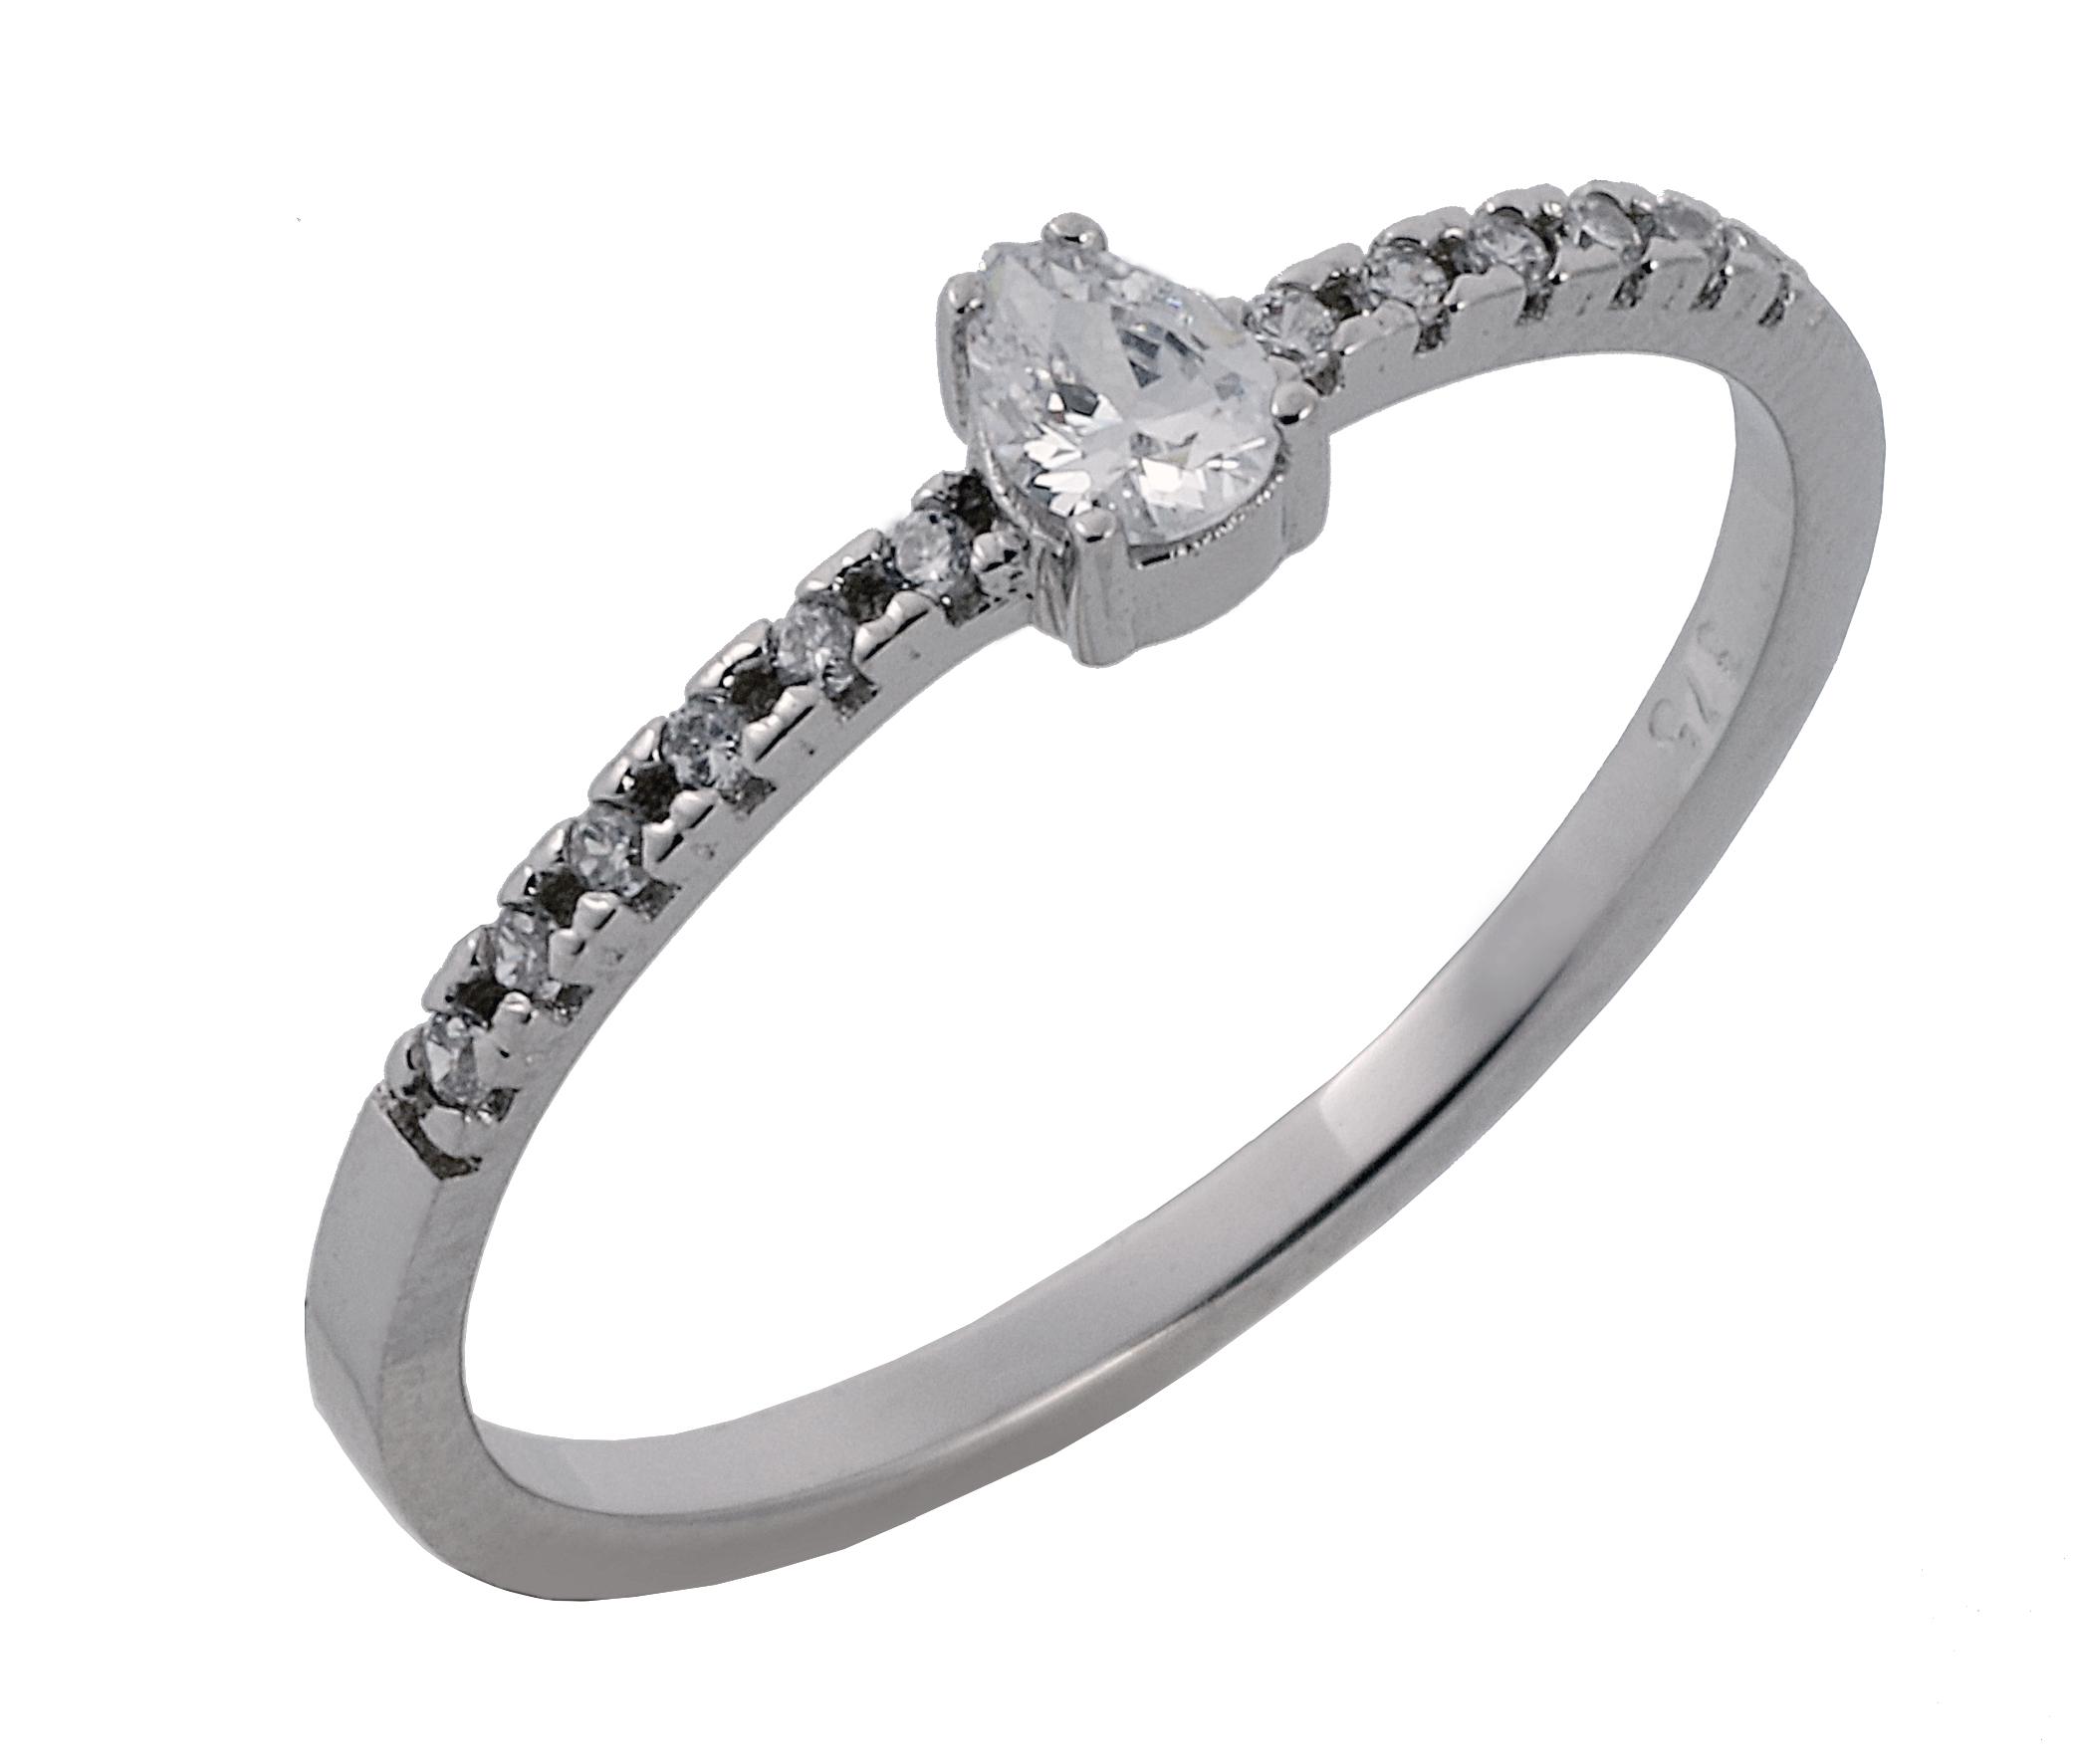 Δαχτυλίδι με Ζιργκόν Πουάρ Λευκόχρυσος Κ9 - 16062